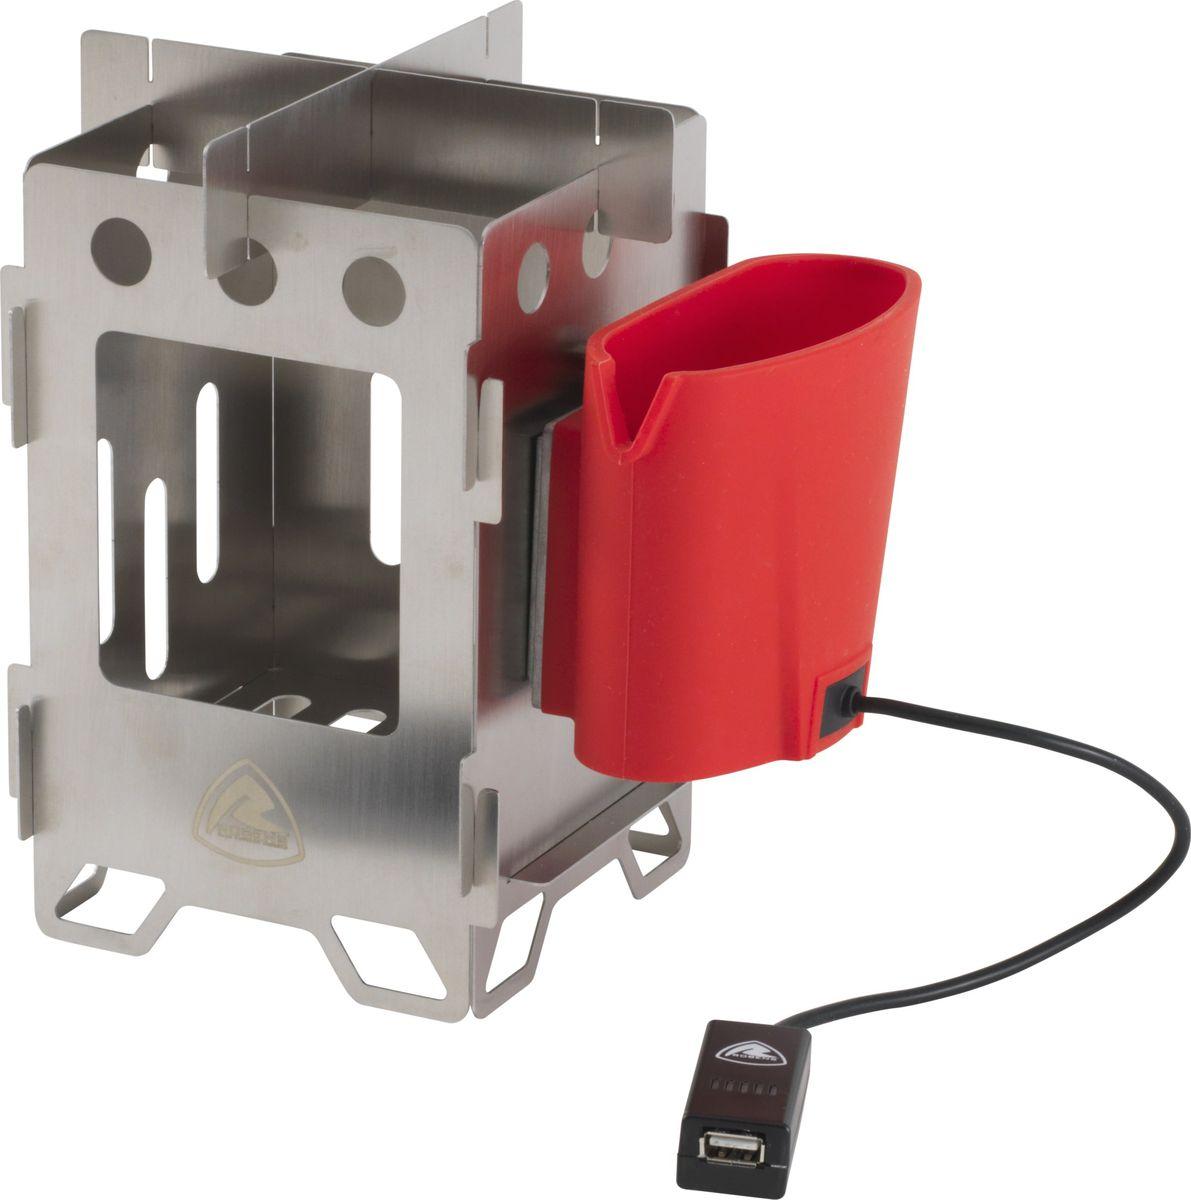 """Печка-щепочница """"Robens"""", складная, с зарядным устройством, 12,5 х 12,5 x 19,5 см. 690221"""